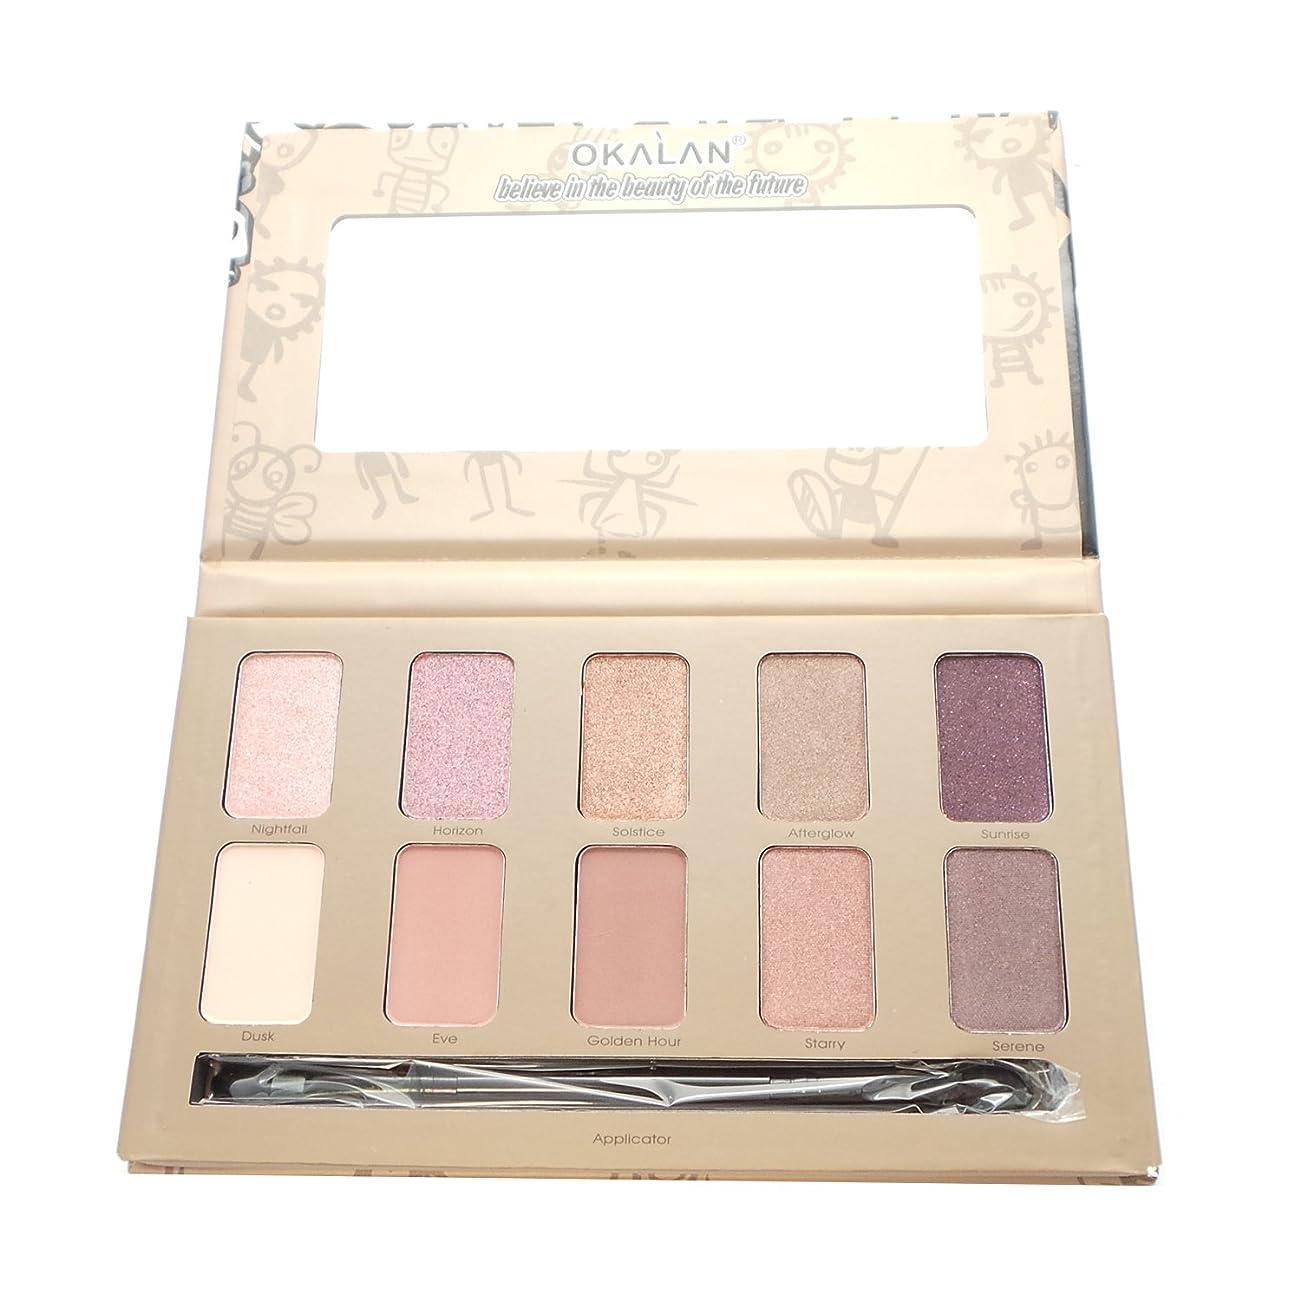 葉を拾う割れ目謝る(3 Pack) OKALAN 10 Shade Natural Eyeshadow Palette - B (並行輸入品)